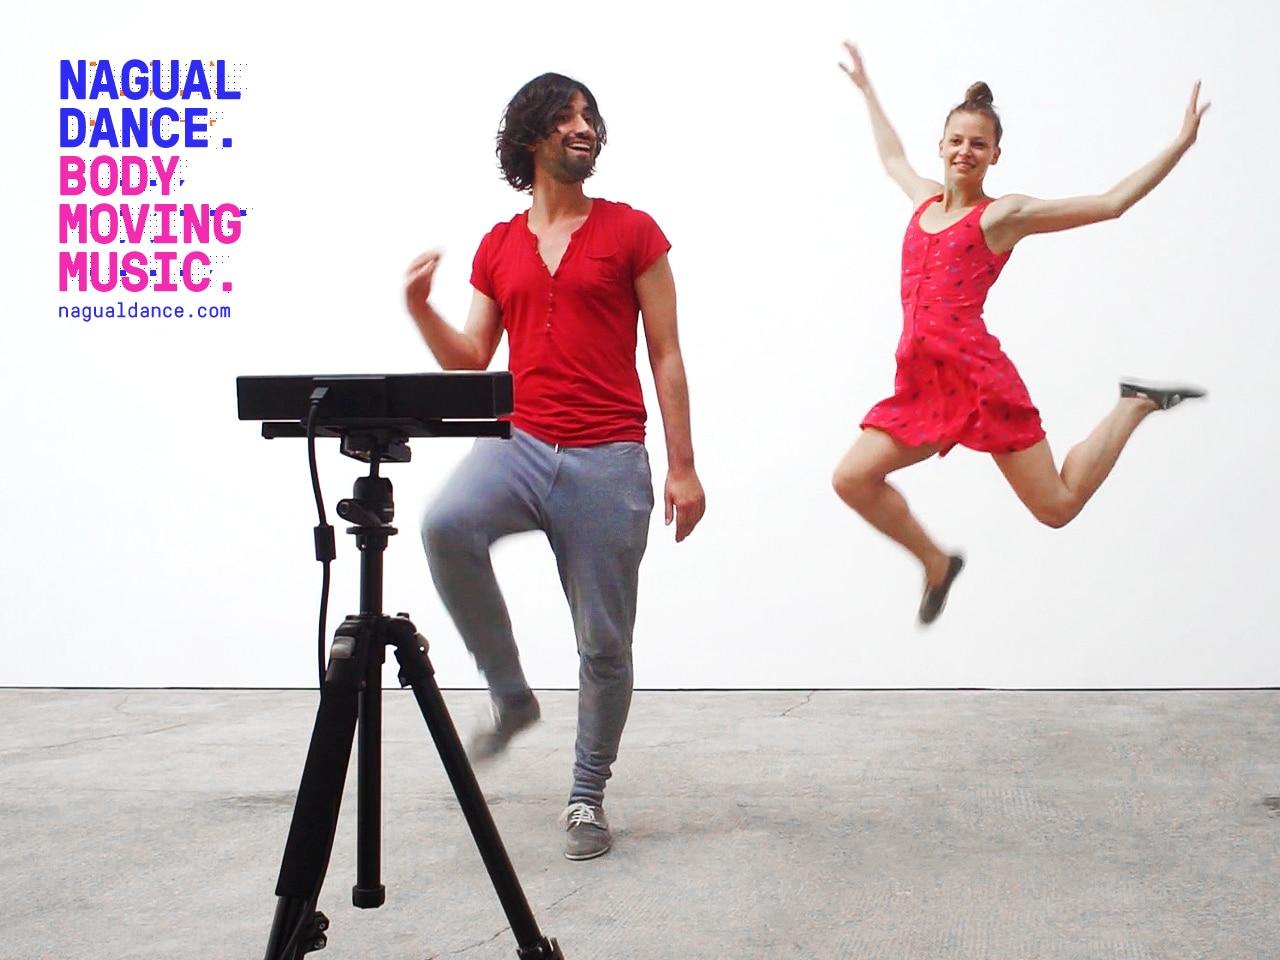 Mit Tanzbewegungen neue Musiktracks erschaffen! (Foto: Nagual Sounds)